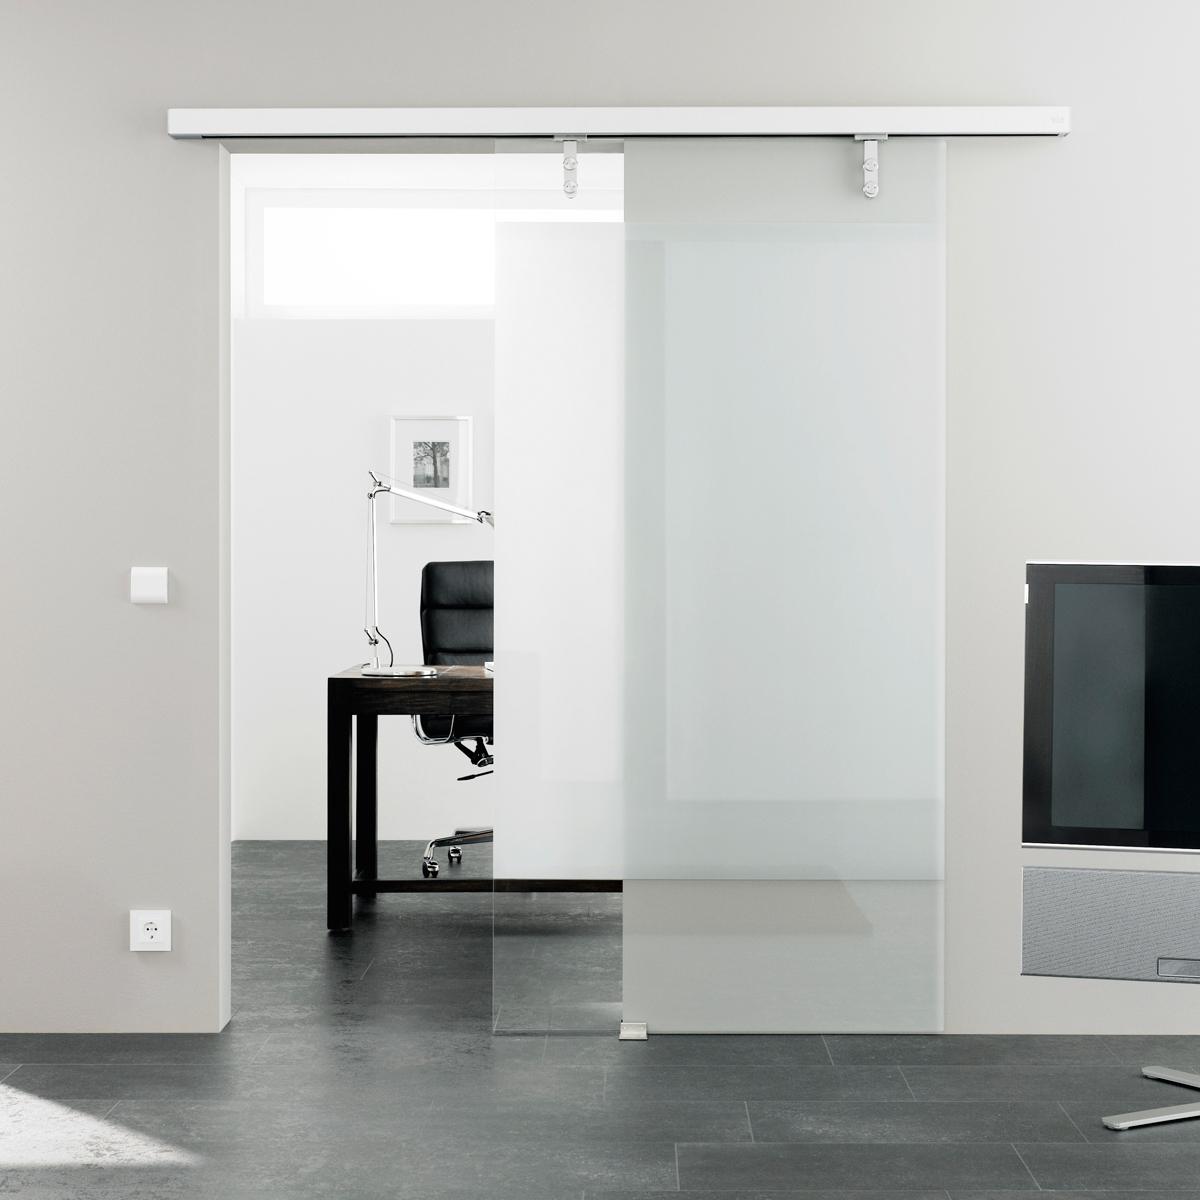 磁悬浮玻璃自动门